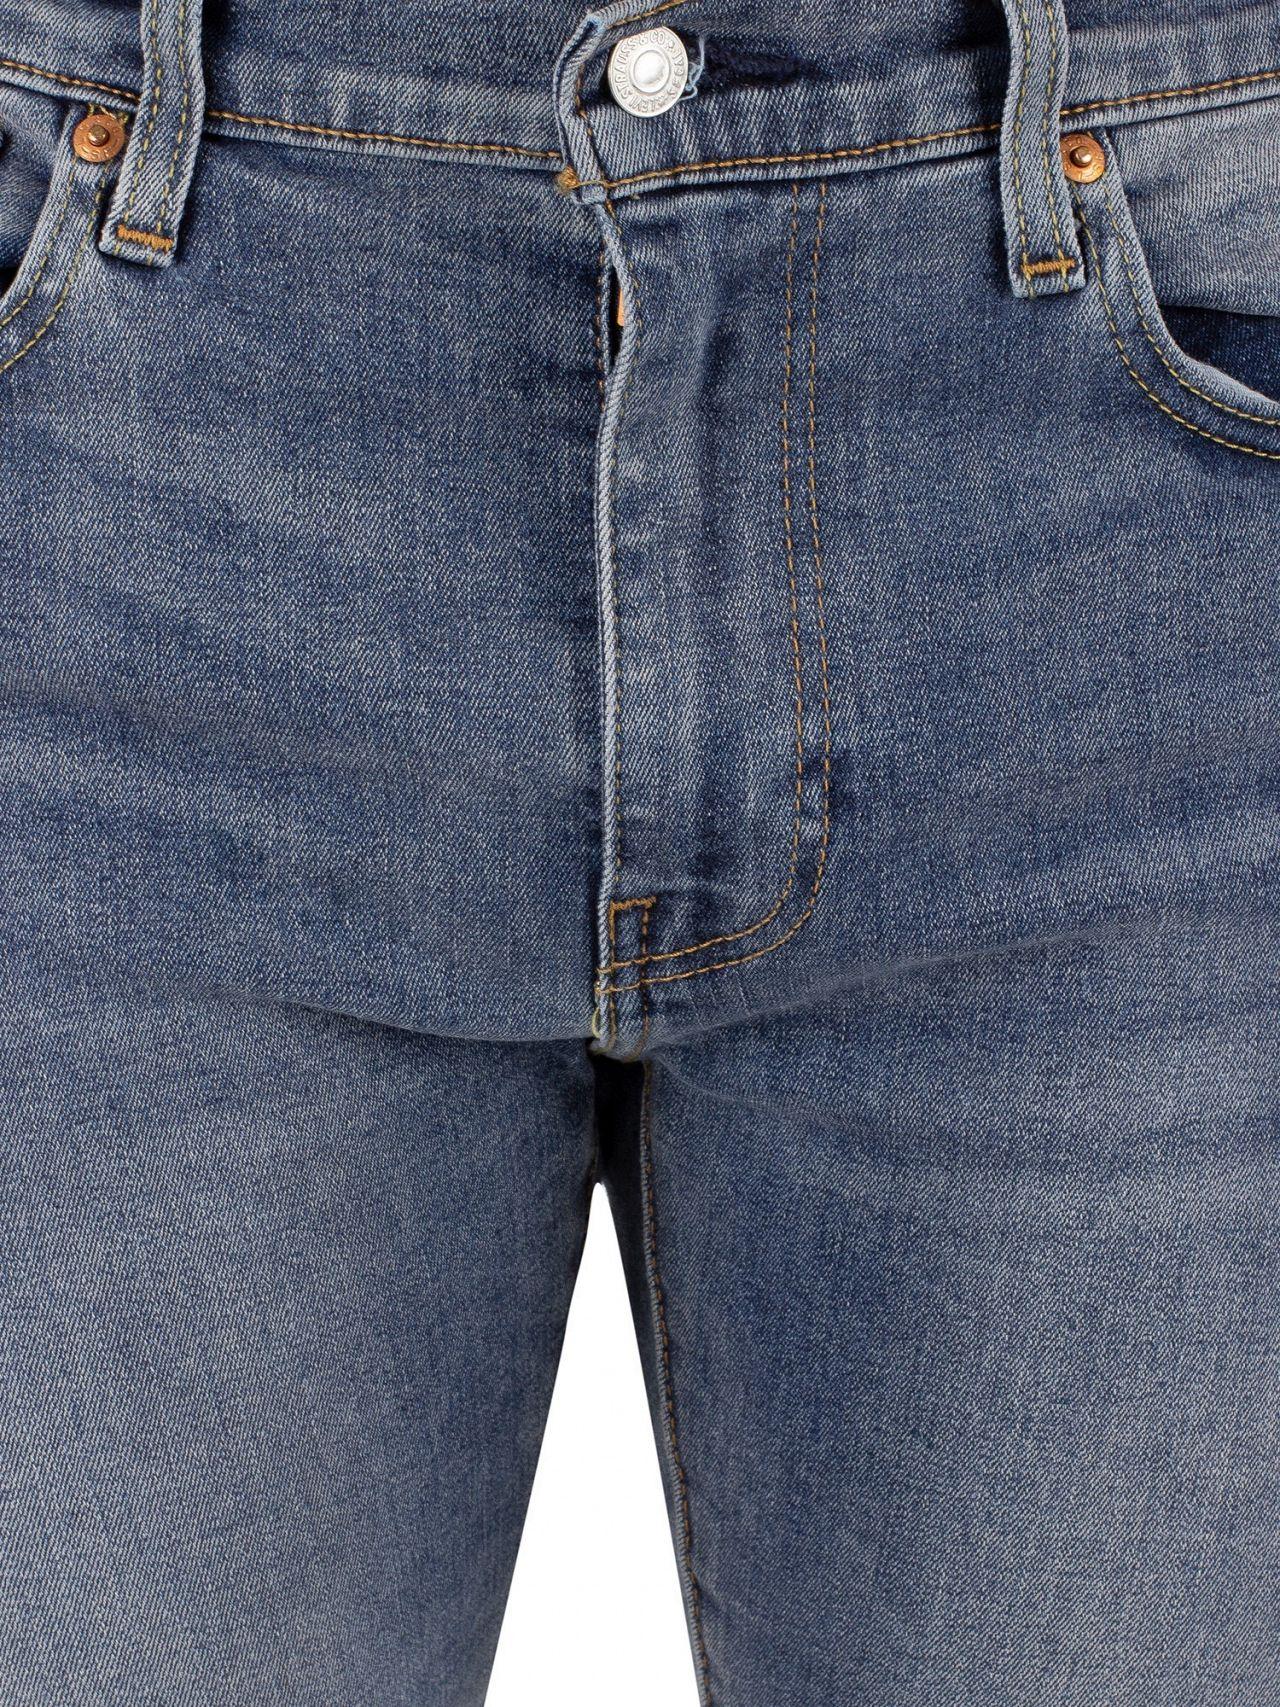 75521ea210a Levi's Despacito 512 Slim Taper Jeans | Standout